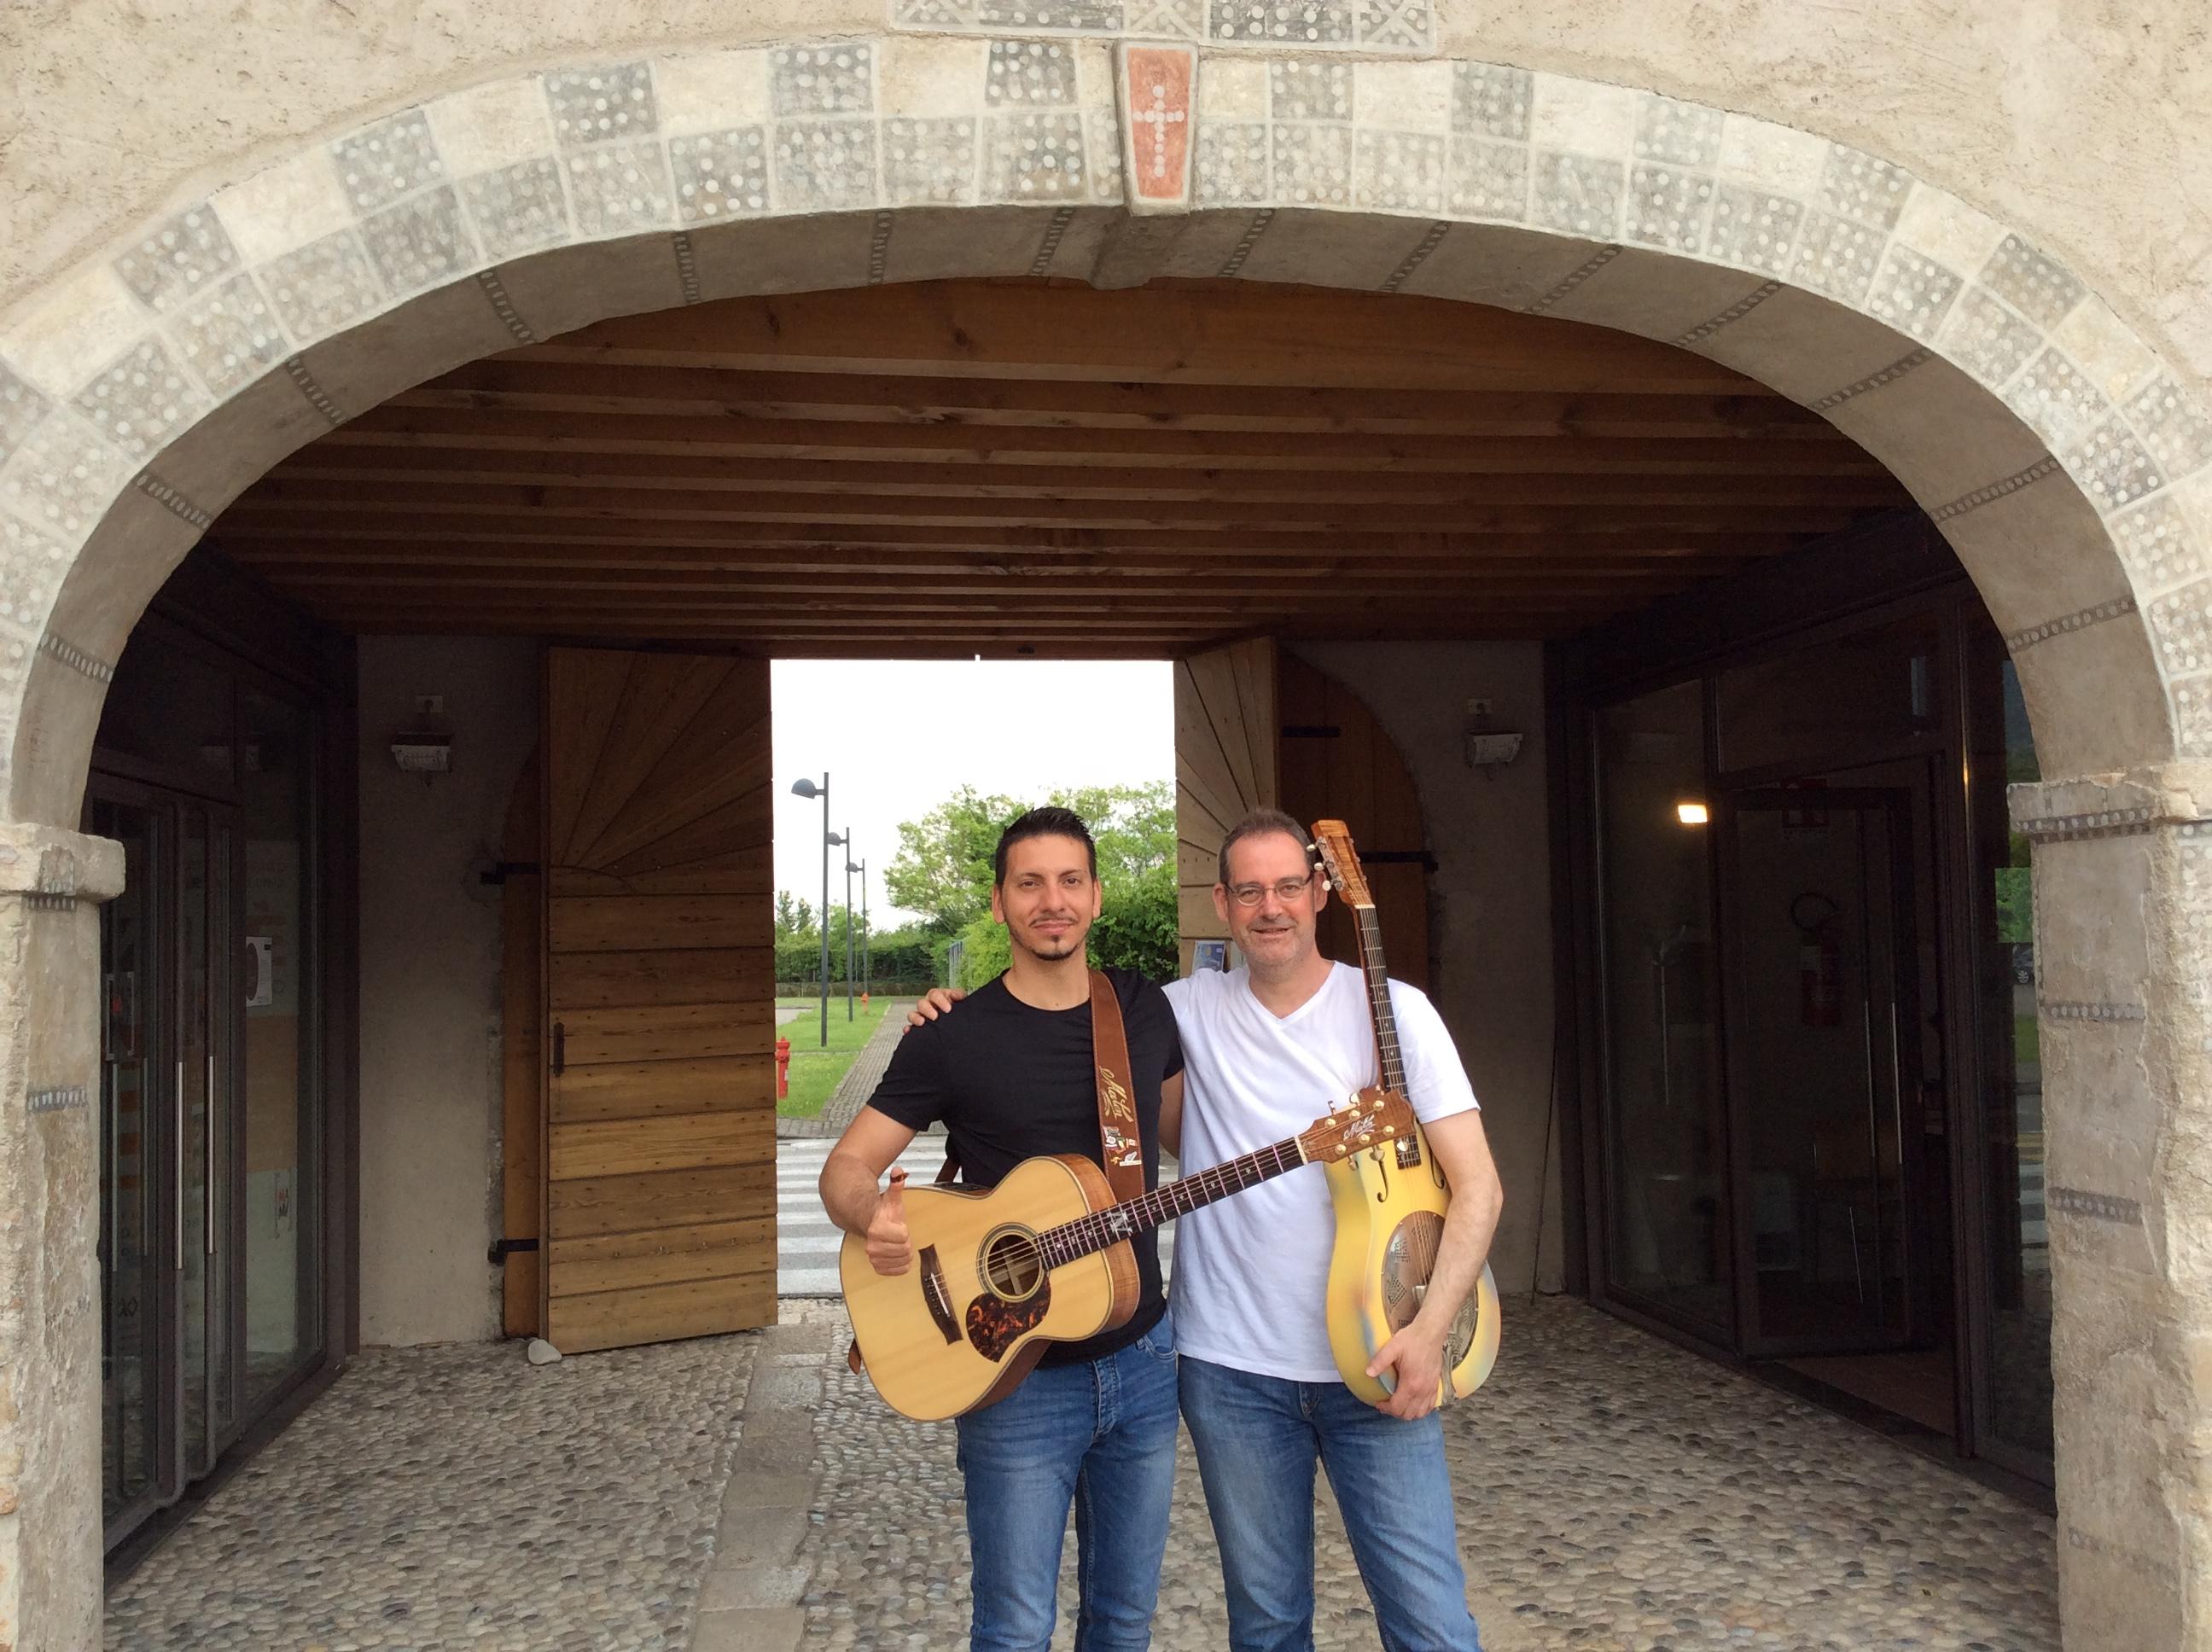 Zwei Männer mit gitarre vor einem großen Haustor